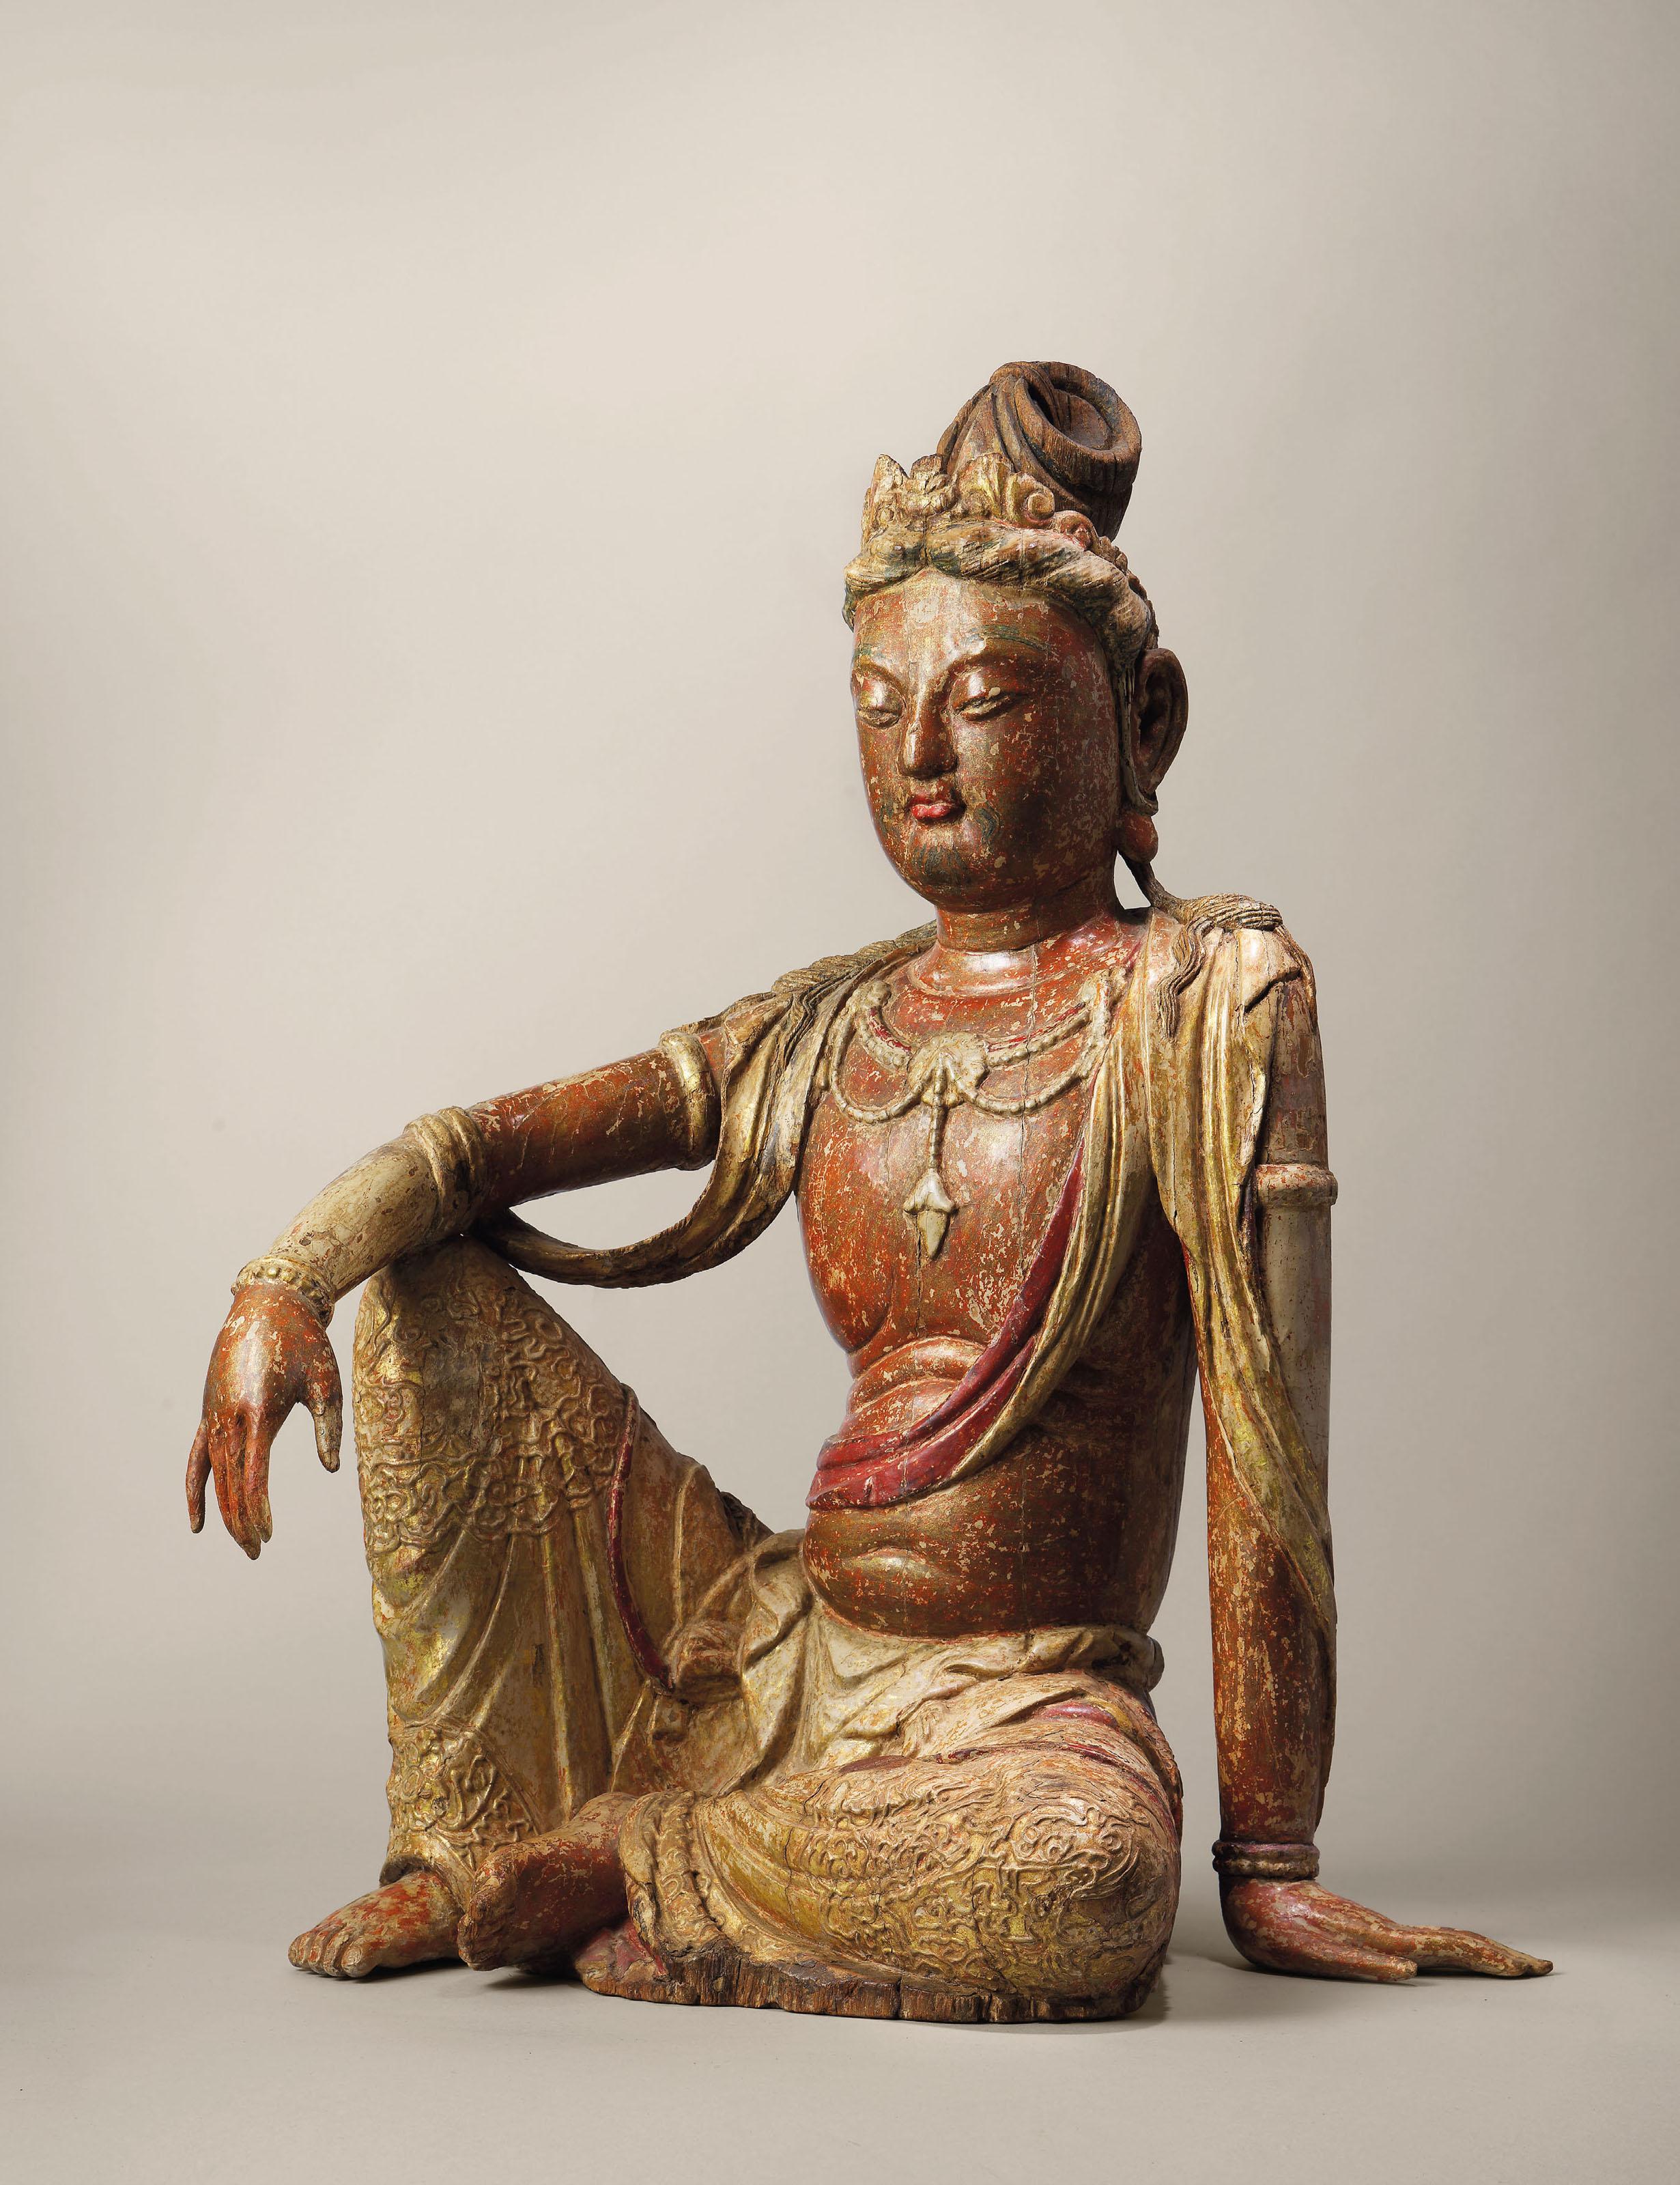 Chinese Wood Carving Buddhism Guanyin Bodhisattva Buddha Head Small Statue